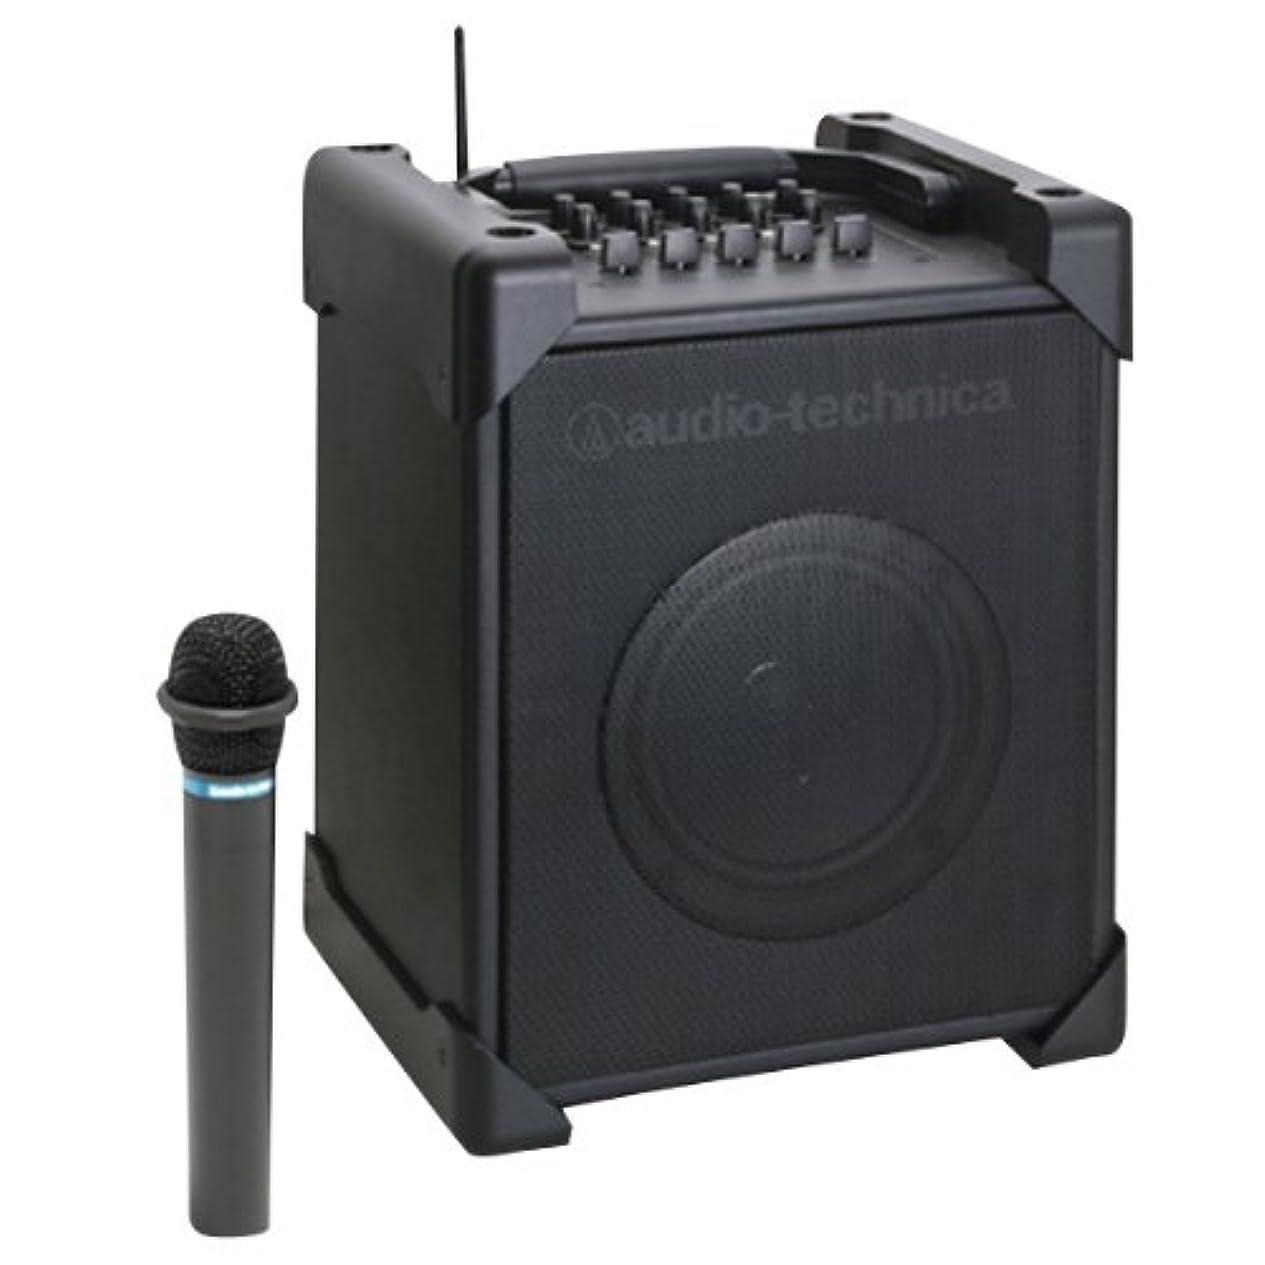 眩惑するボーカル認証audio-technica UHFワイヤレスアンプシステム マイク付属 ATW-SP717M